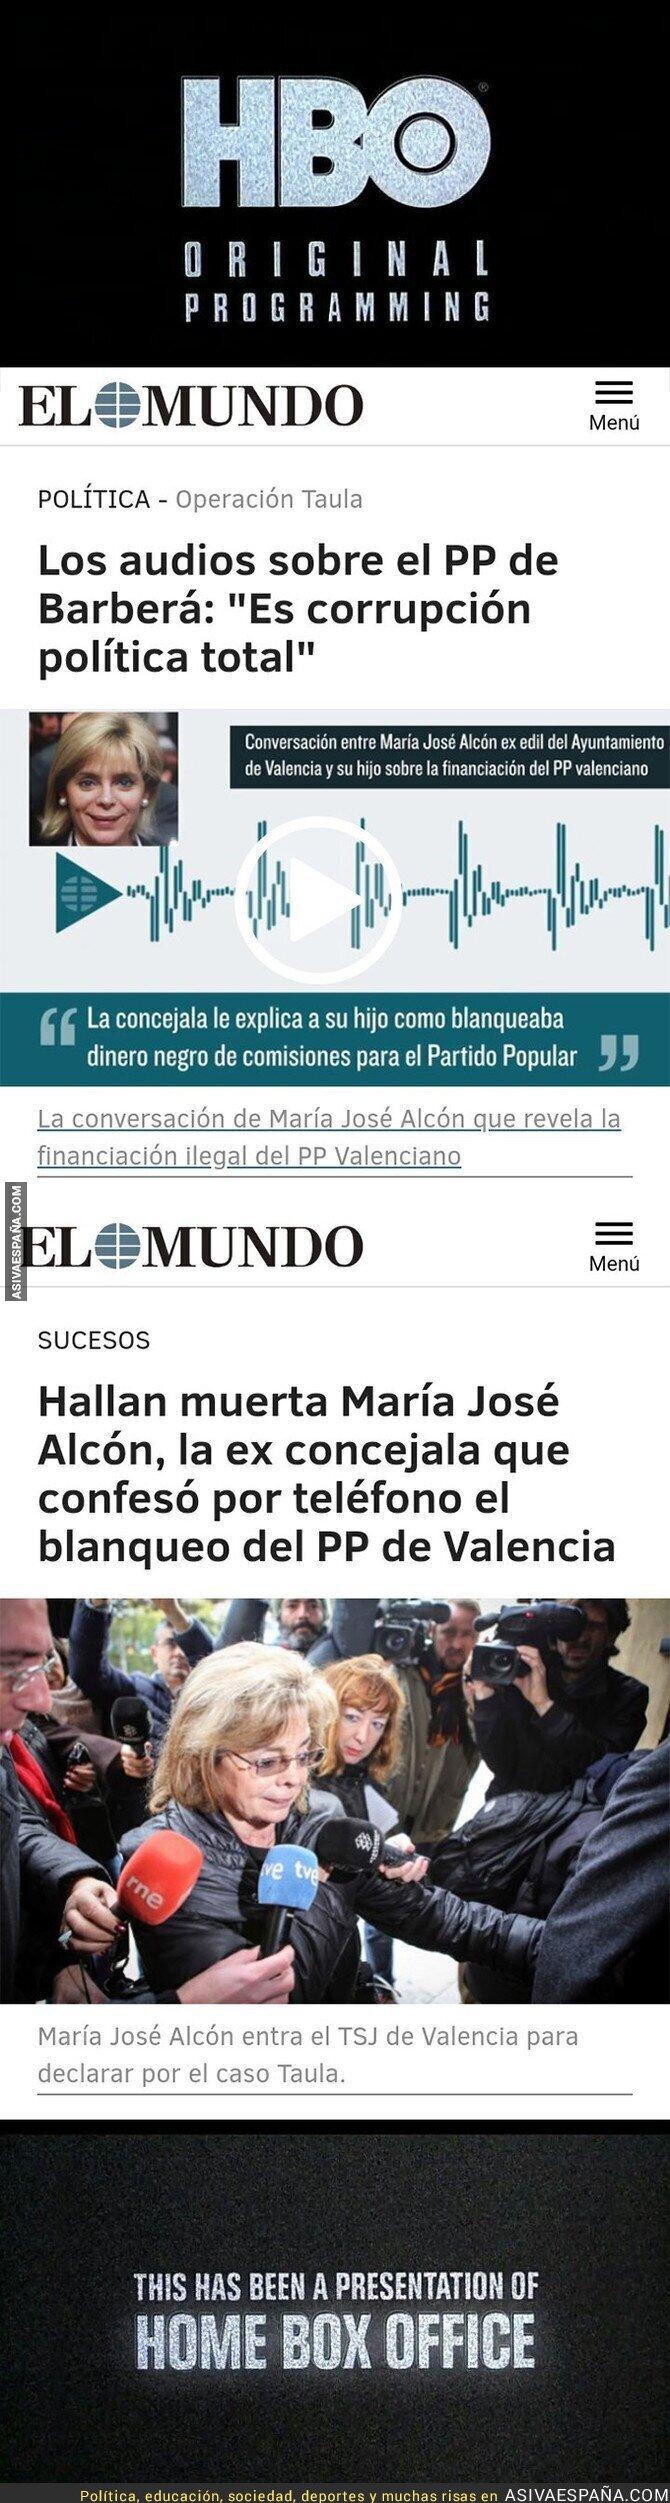 88457 - Maria José Alcón entra en la lista de muertes muy sospechosas relacionadas con la corrupción del PP